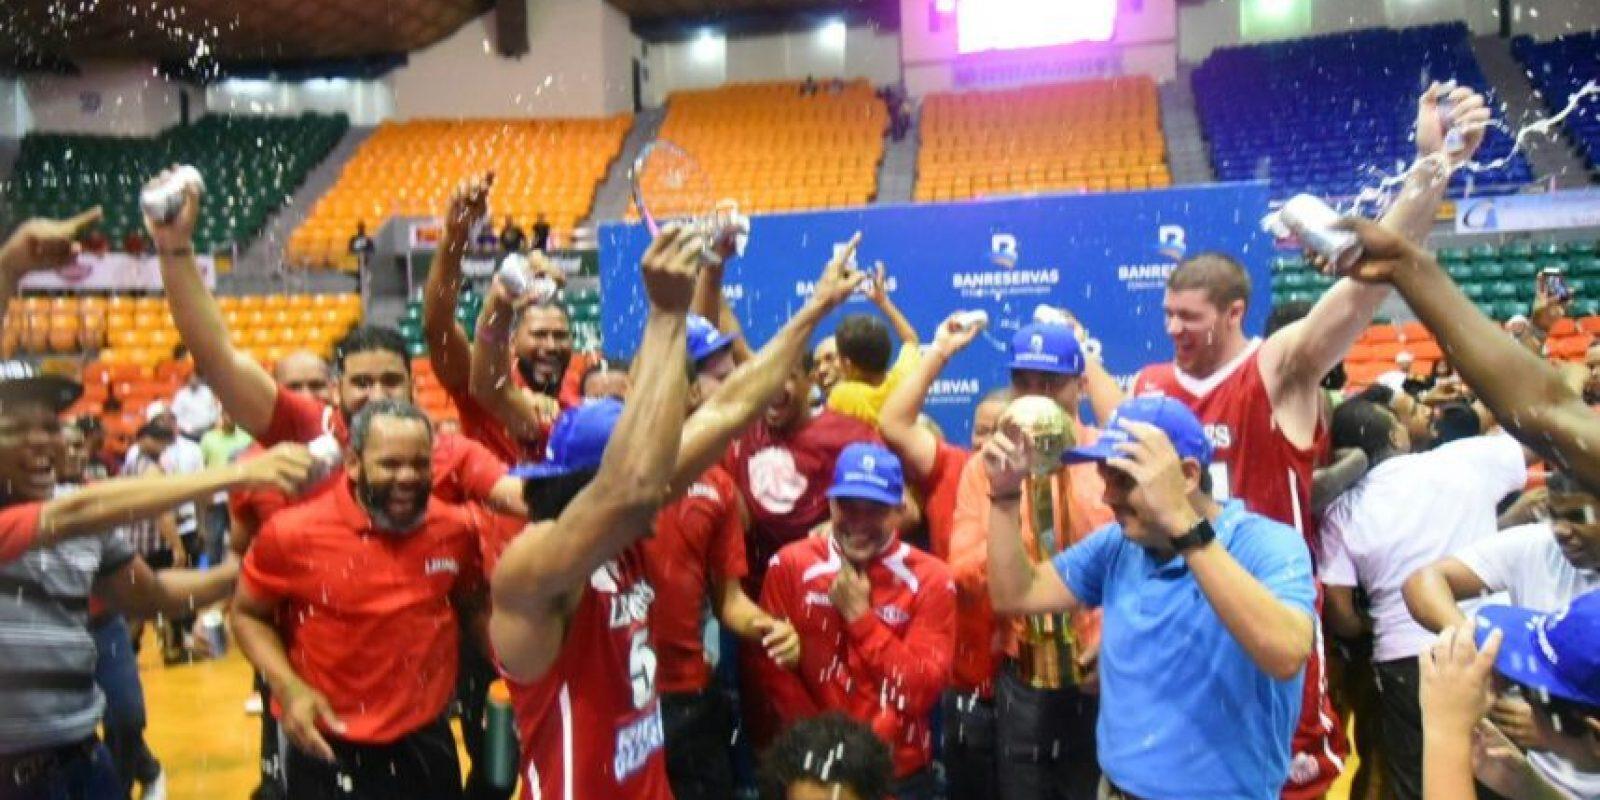 Jugadores y directivos de los Leones celebran la conquista de la Copa Banreservas. Foto:Fuente Externa